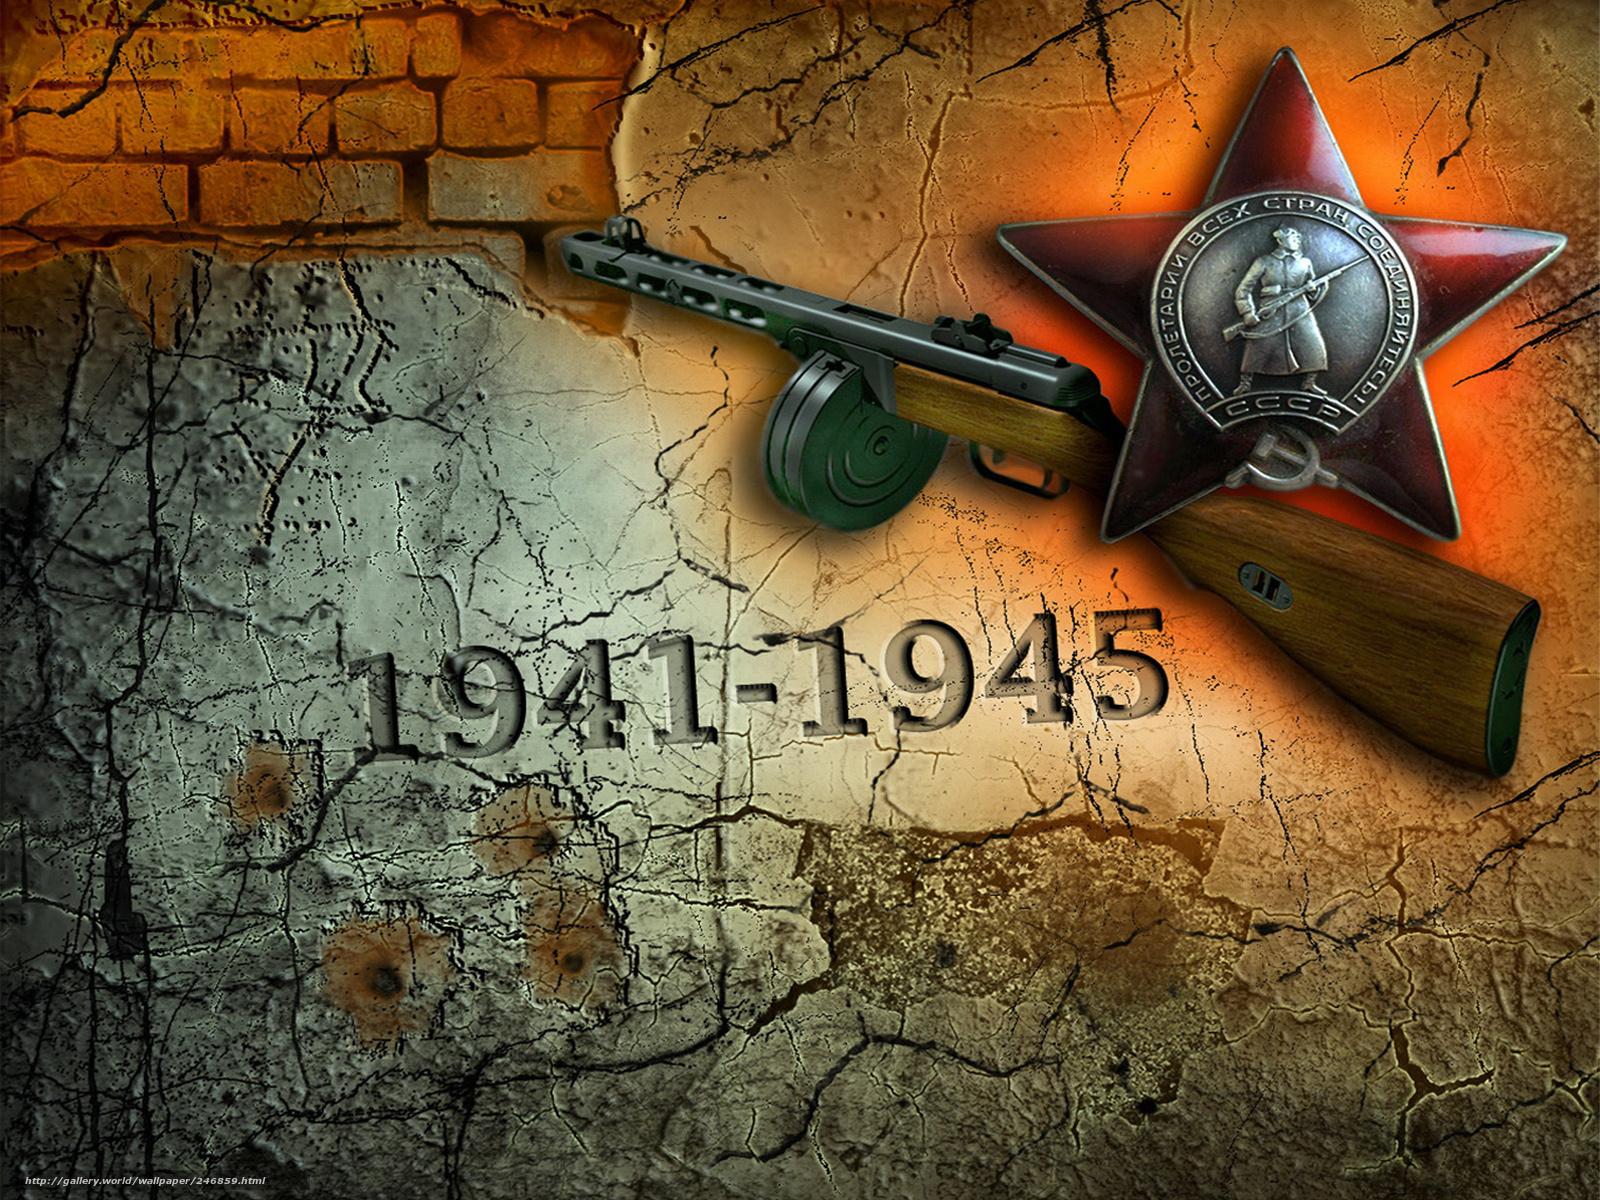 Baixar Wallpaper 1941-1945,  09 de maio,  Dia da Vitria,  estrela Papis de parede grtis na resoluo 1600x1200 — quadro №246859